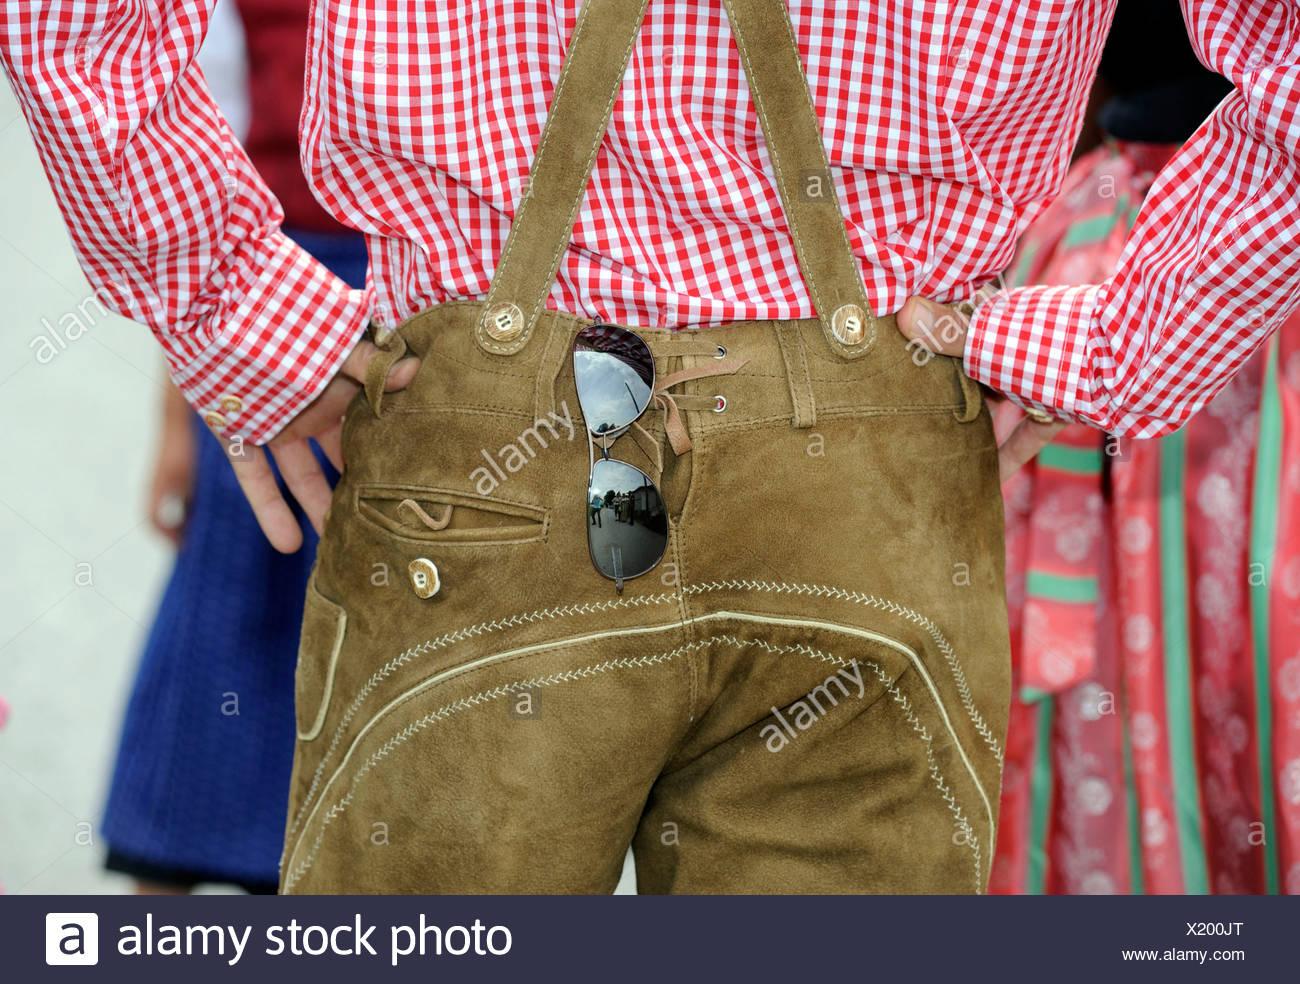 fa0a9f0fdf Pantalones de cuero y camisa a cuadros, trajes tradicionales, con gafas de  sol Imagen